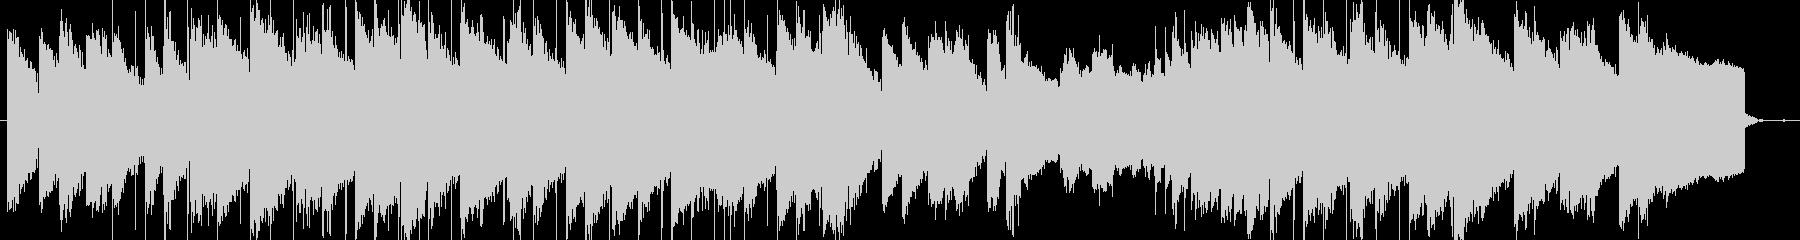 lofi風しっとりとしたピアノBGMの未再生の波形